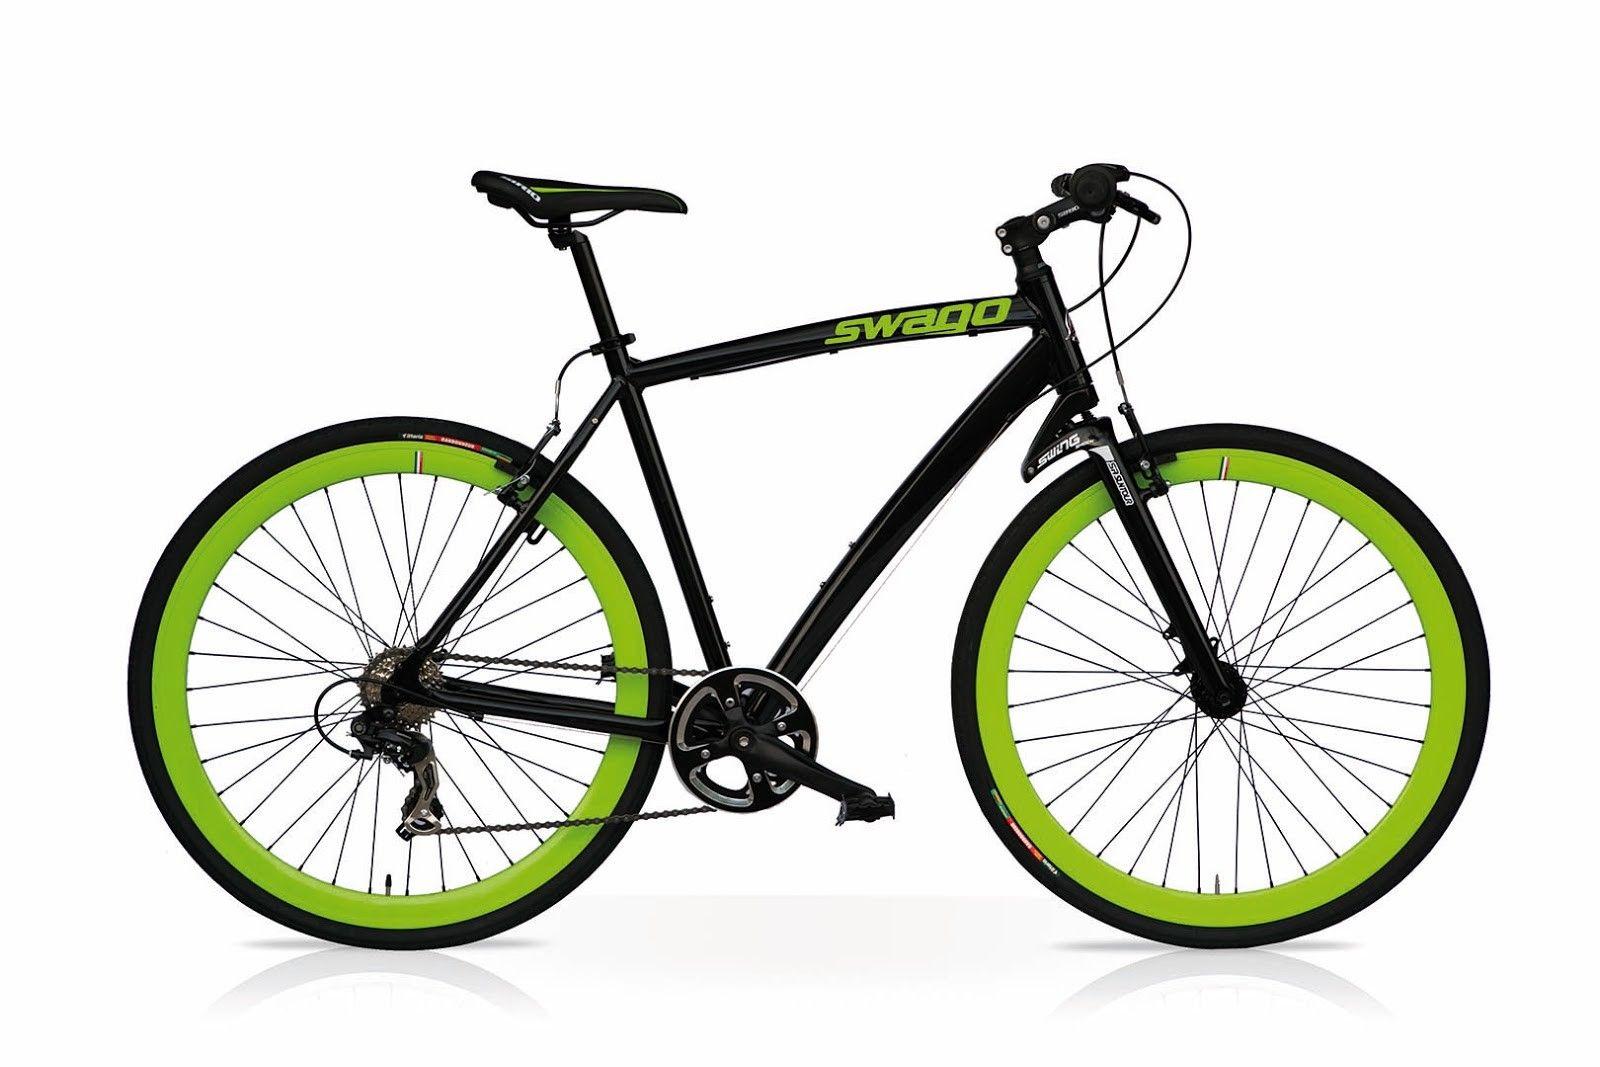 Bicicletta Smp Swago 28